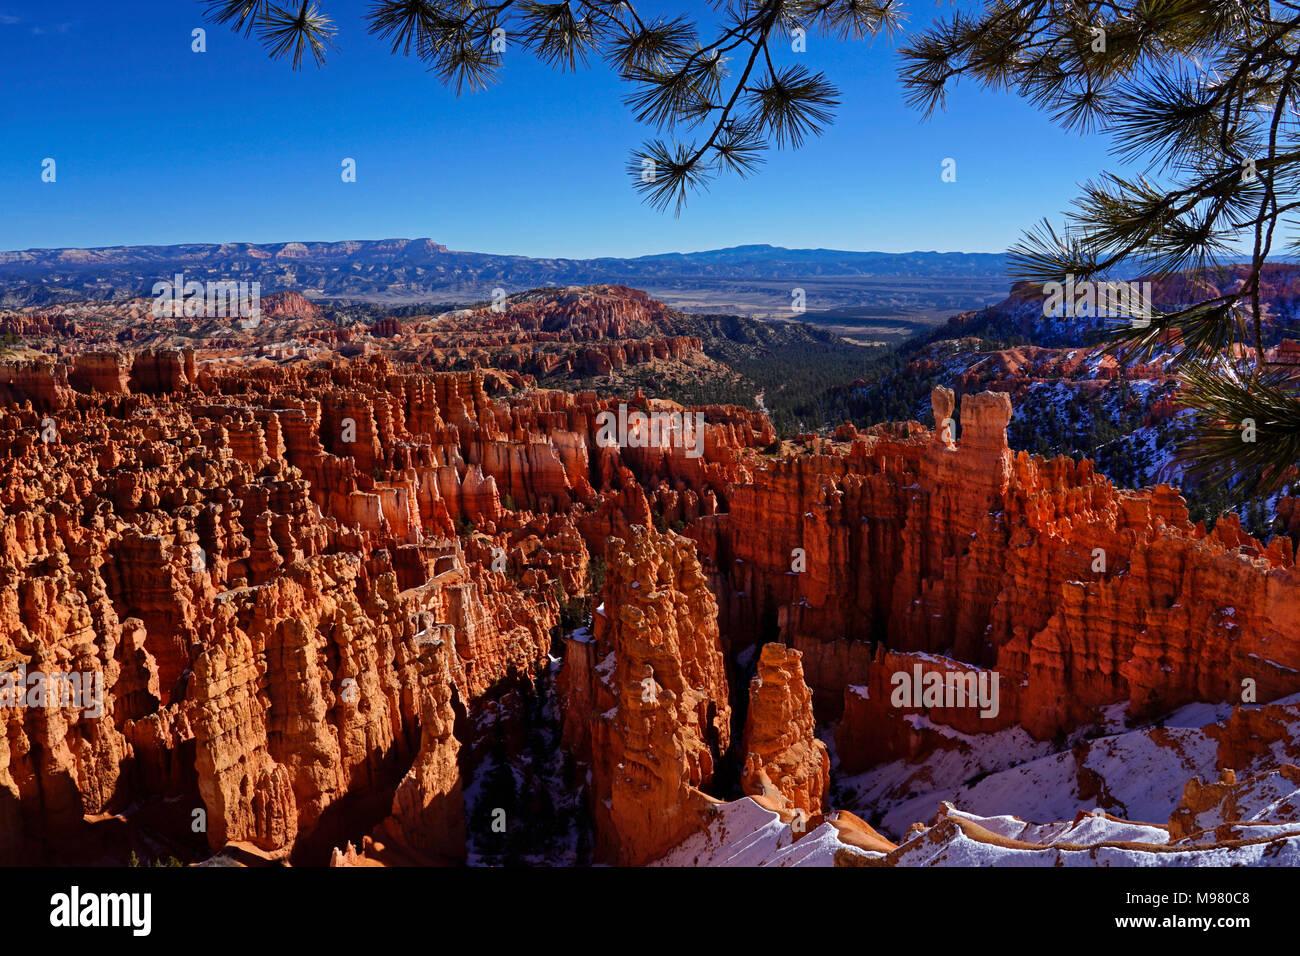 Le Parc National de Bryce Canyon dans l'Utah,hiver,Amérique du Nord Photo Stock